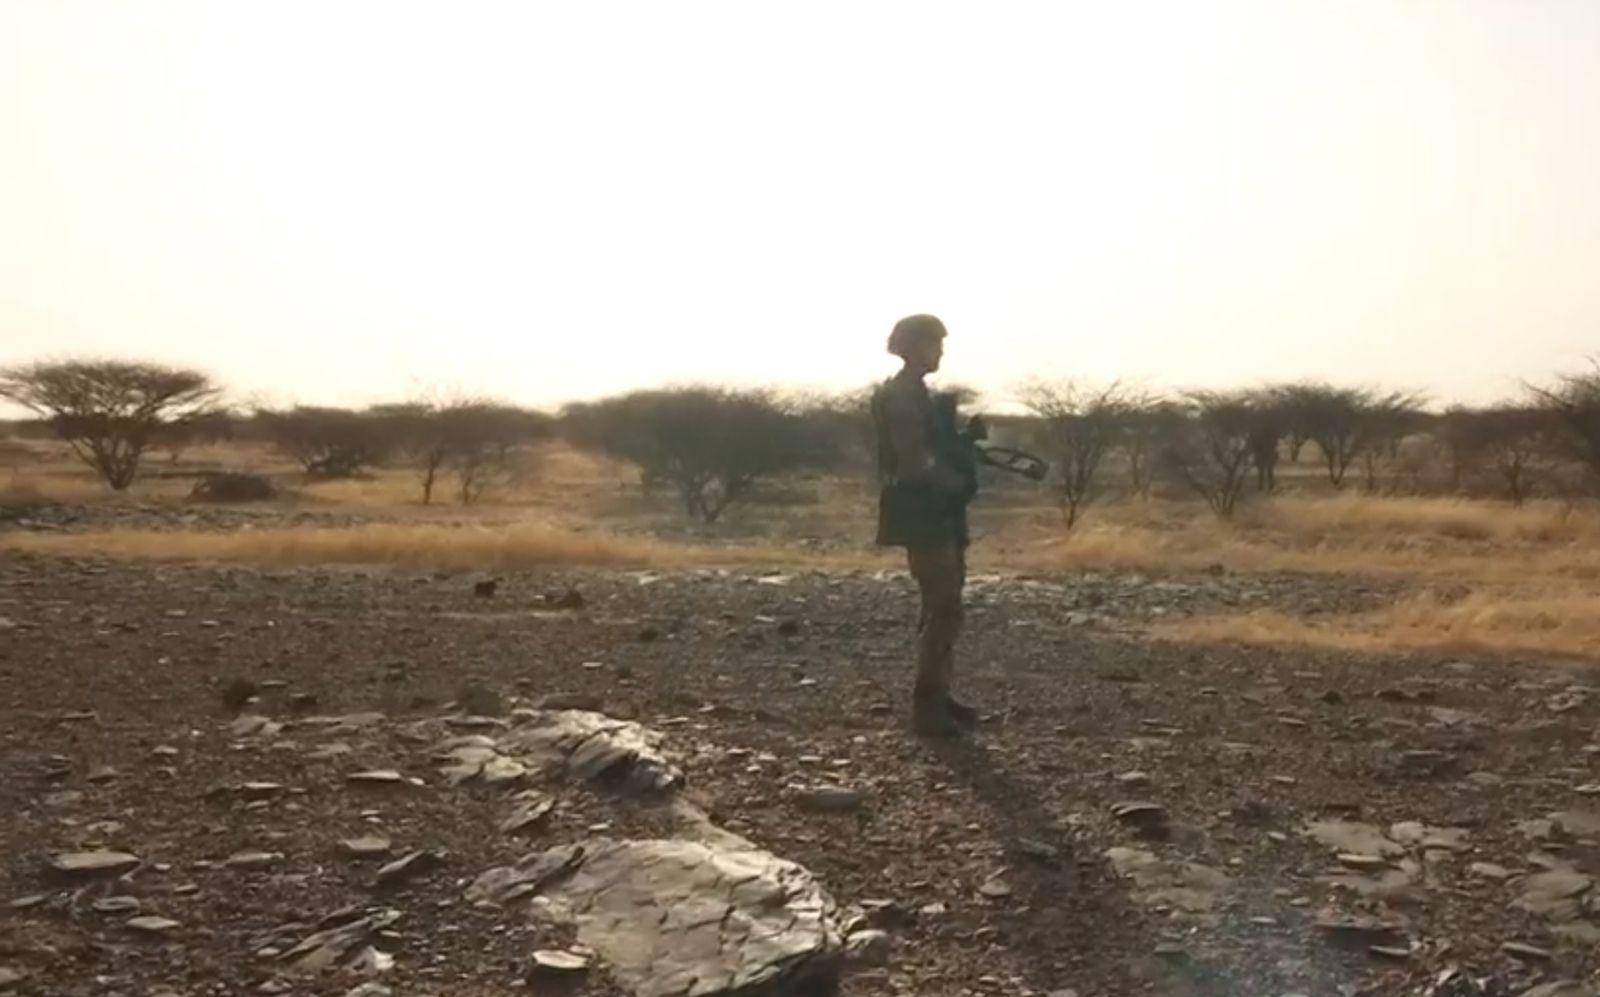 Barkhane : L'envoi de soldats supplémentaires au Mali doit avant tout être discuté et voté au Parlement